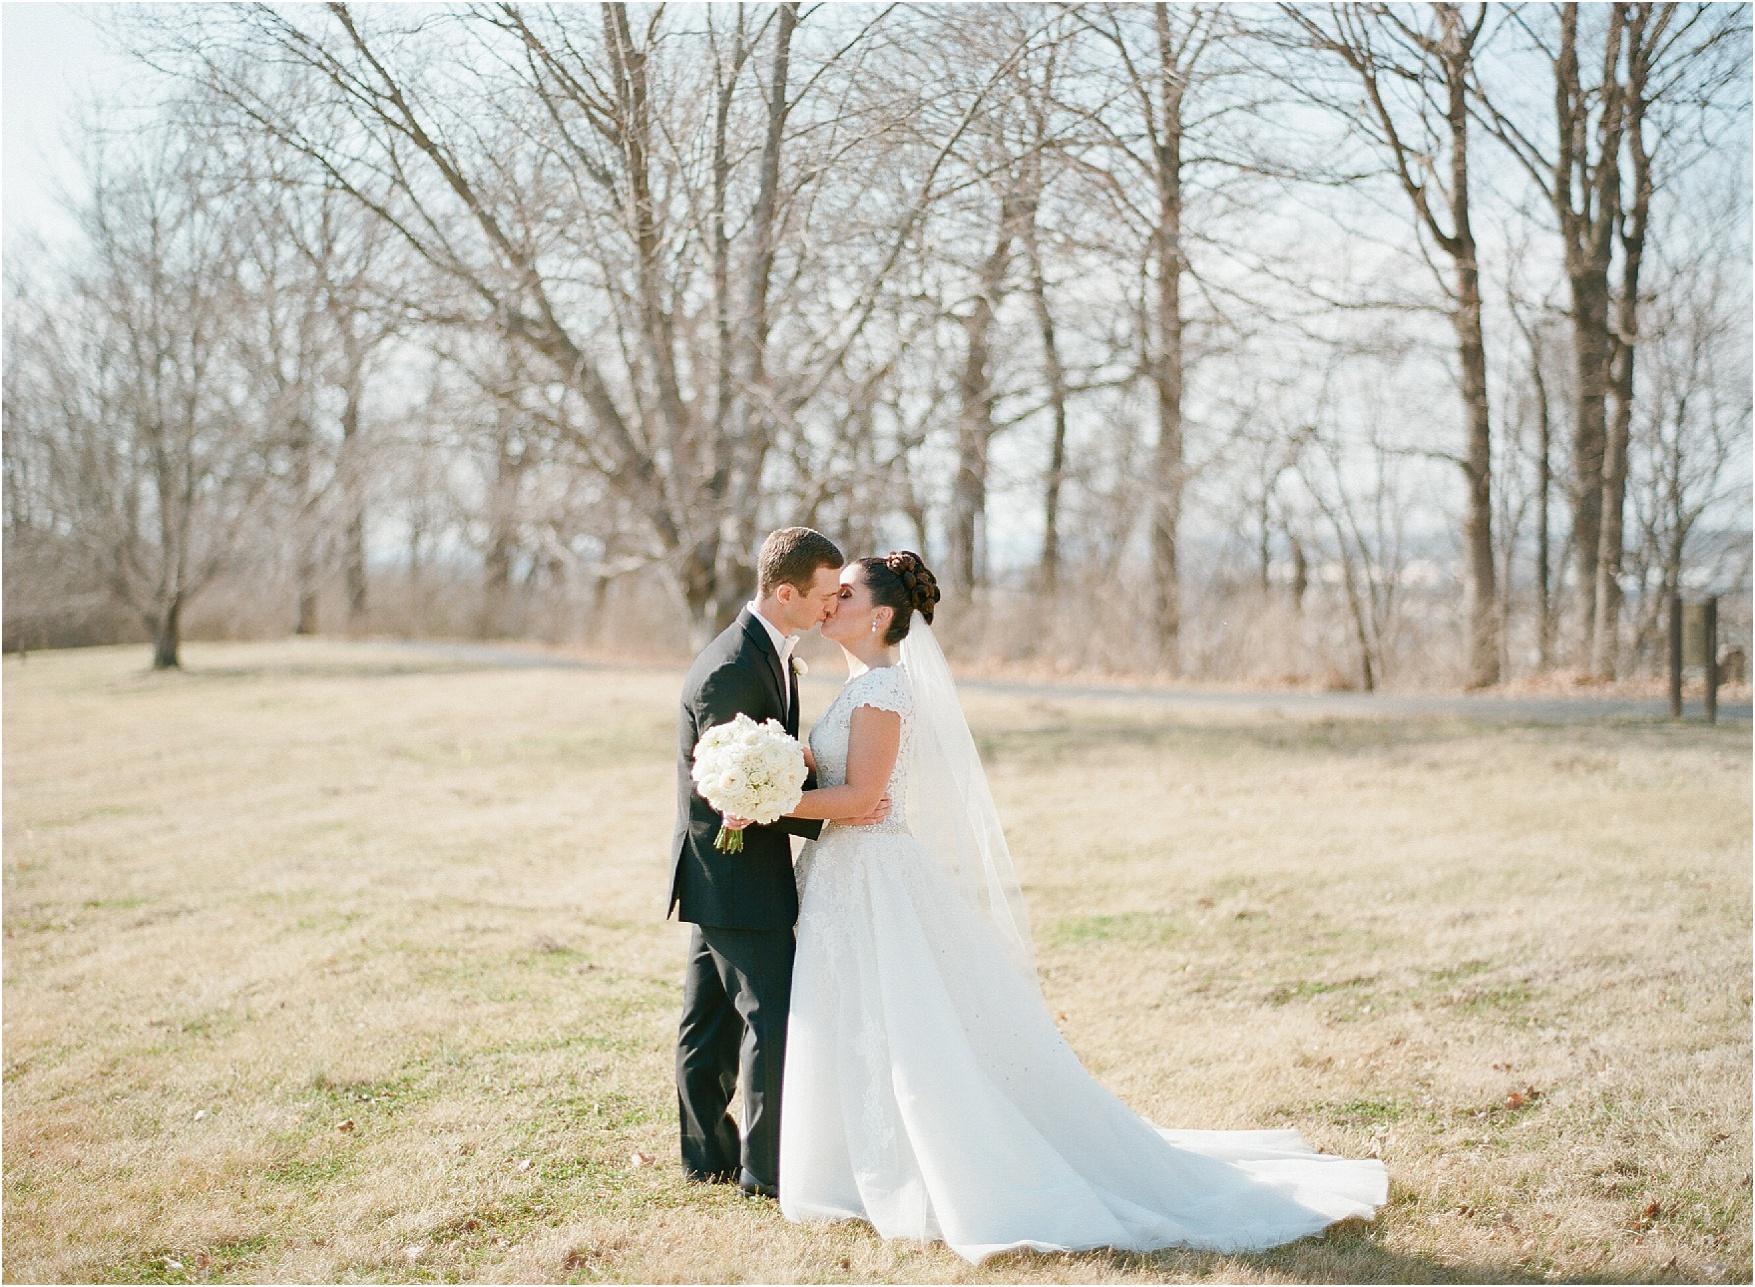 wedding photography st louis_lauren muckler photography_film photographer_film wedding_0058.jpg